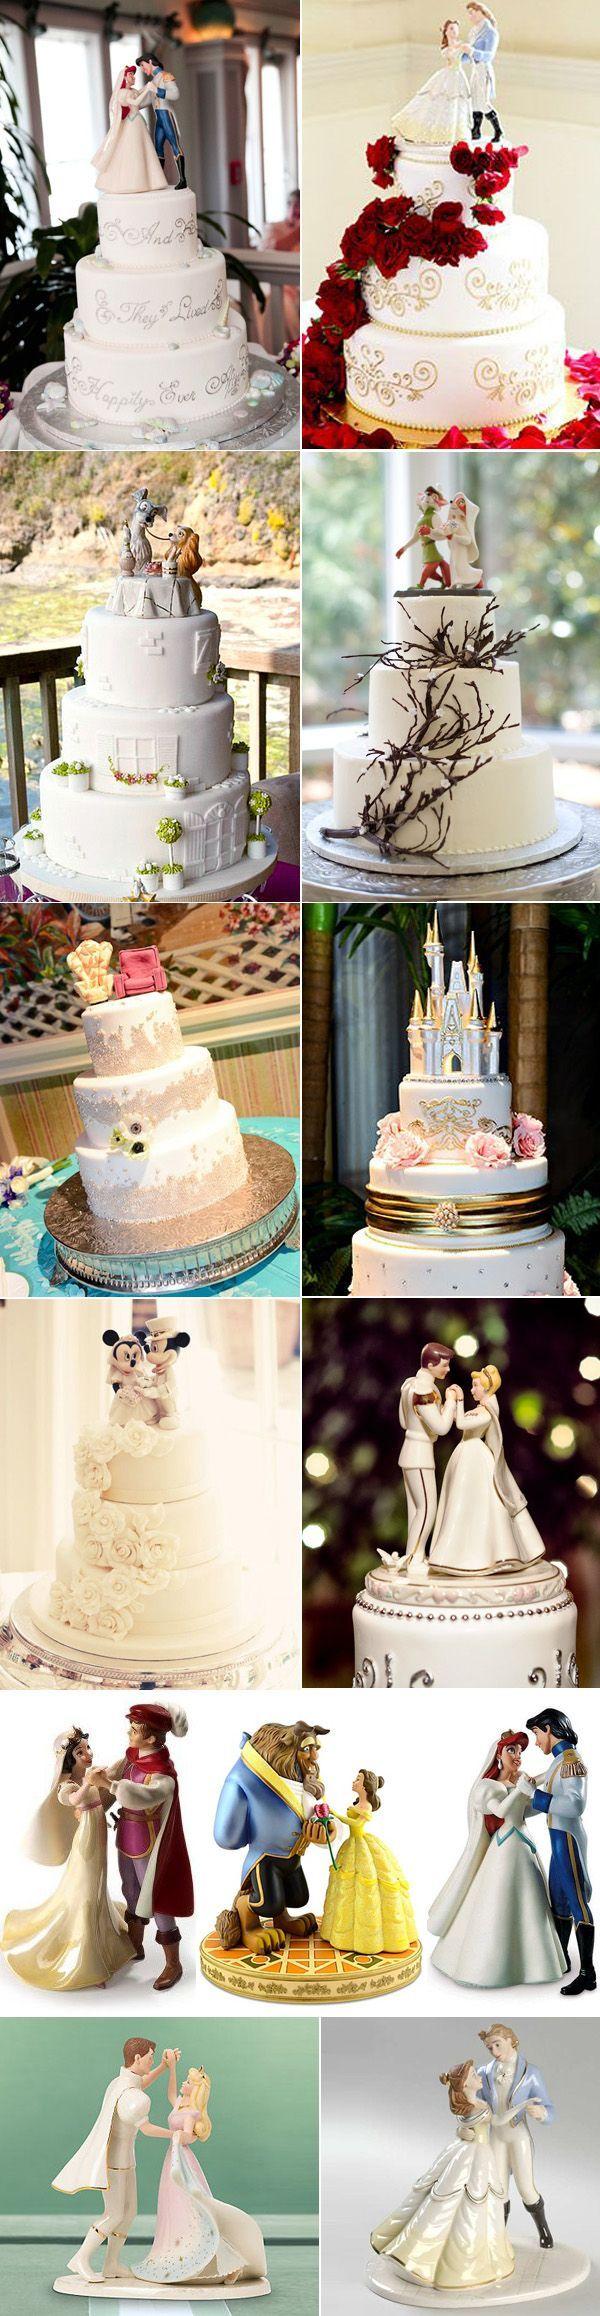 Muñecos de tarta, dignos de las princesas de Disney.